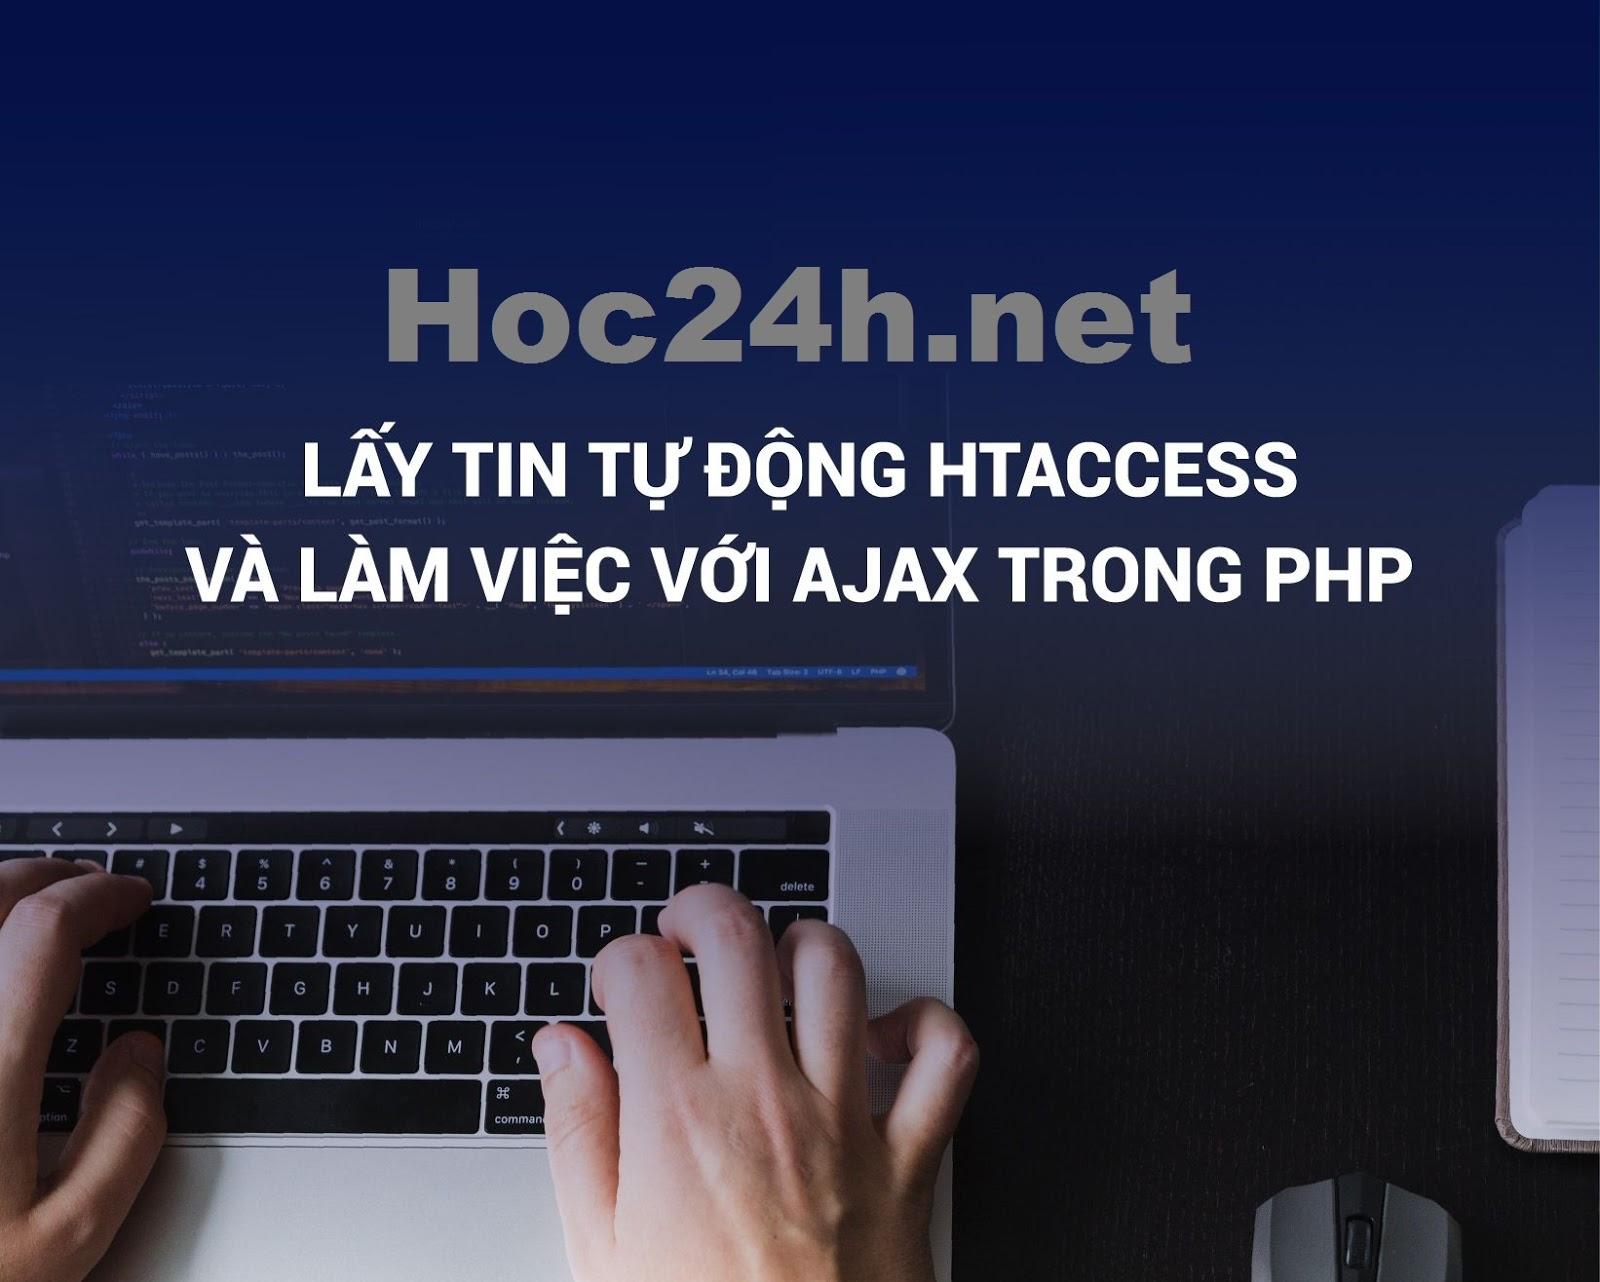 Lấy tin tự động,HTACCESS và làm việc với AJAX trong PHP